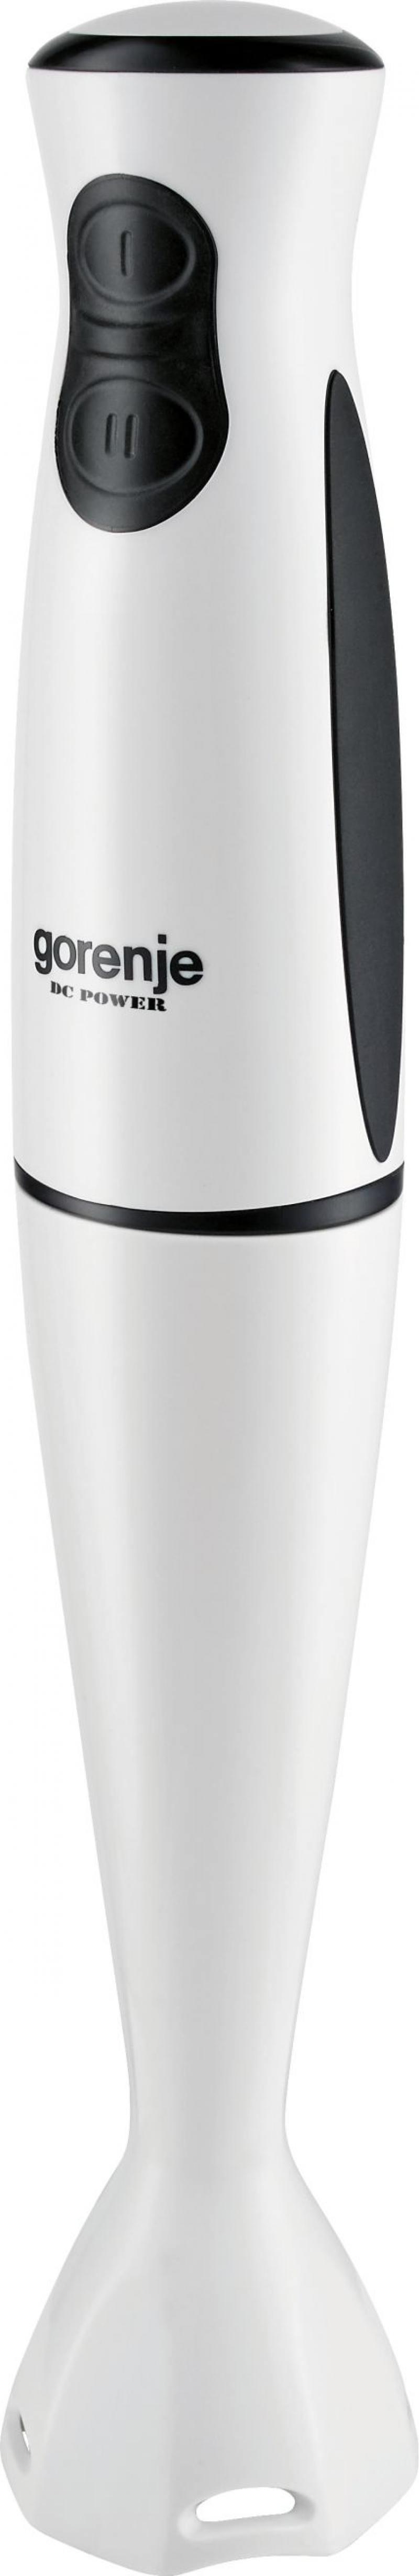 Блендер погружной Gorenje HBX480QW 400Вт белый чёрный gorenje hbx485qw черно белый